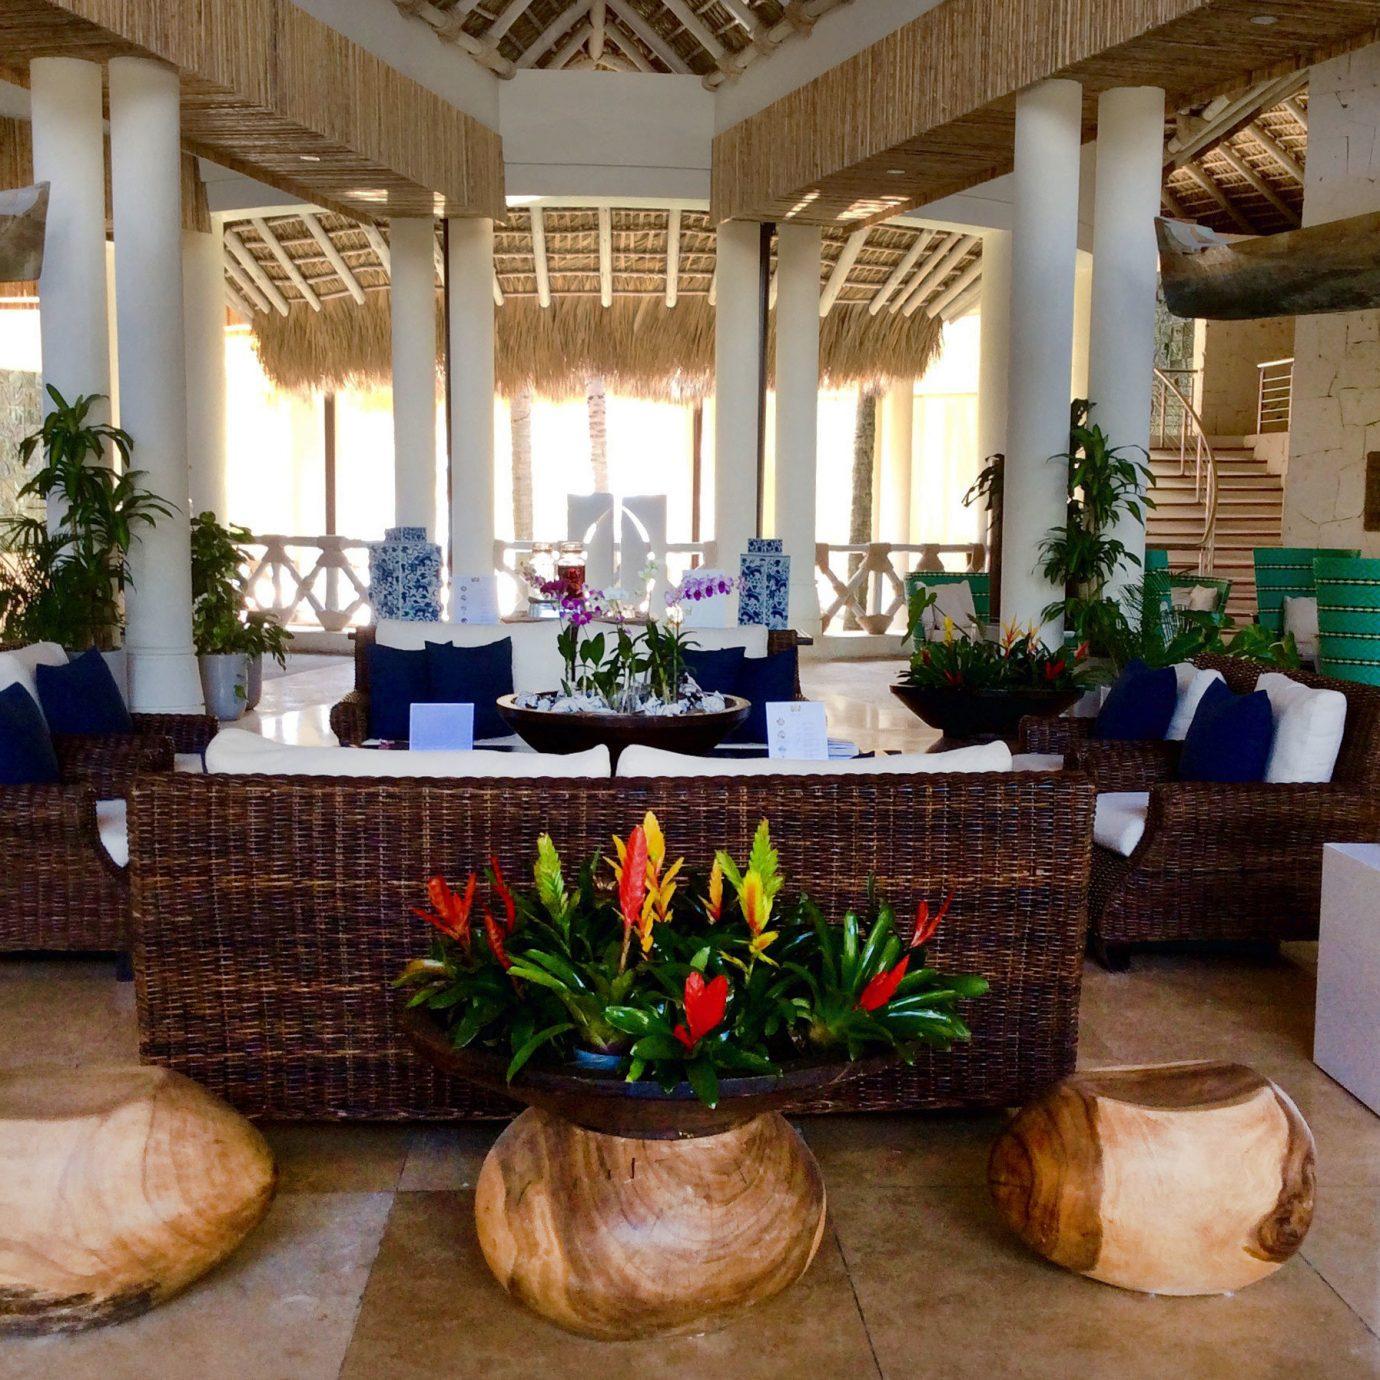 Lobby home living room floristry mansion hacienda Villa flower